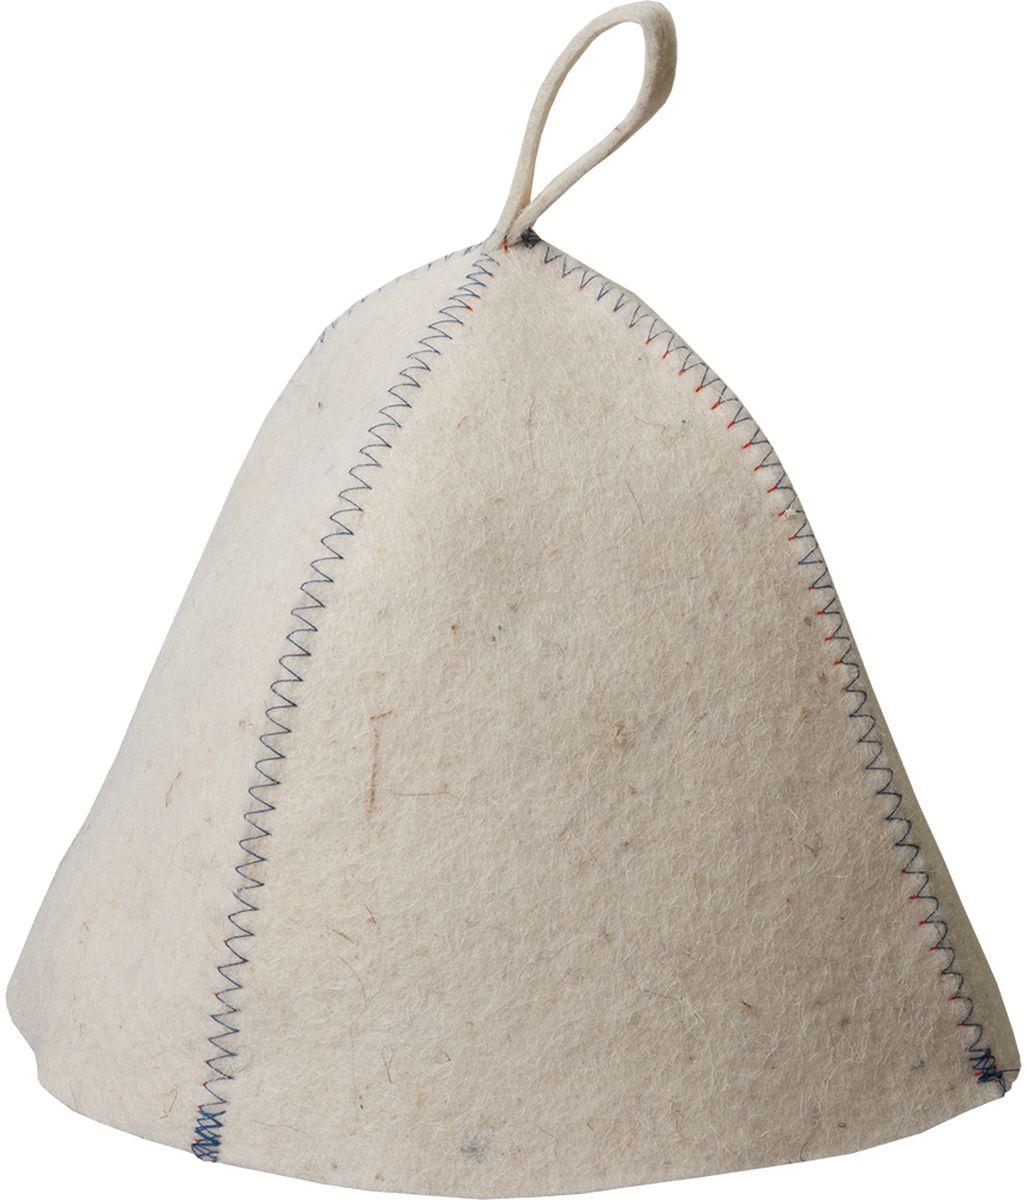 Шапка для бани и сауны Hot Pot Классика. Цветной зигзаг531-402Шапка для бани и сауны Hot Pot — это необходимый аксессуар при посещении парной. Такая шапка защитит от головокружения и перегрева головы, а также предотвратит ломкость и сухость волос. Изделие замечательно впитывает влагу, хорошо сидит на голове, обеспечивает комфорт и удовольствие от отдыха в парилке. Незаменима в традиционной русской бане, также используется в финских саунах, где температура сухого воздуха может достигать 100°С. Шапка выполнена в классическом дизайне и дополнена петлей для подвешивания на крючок.